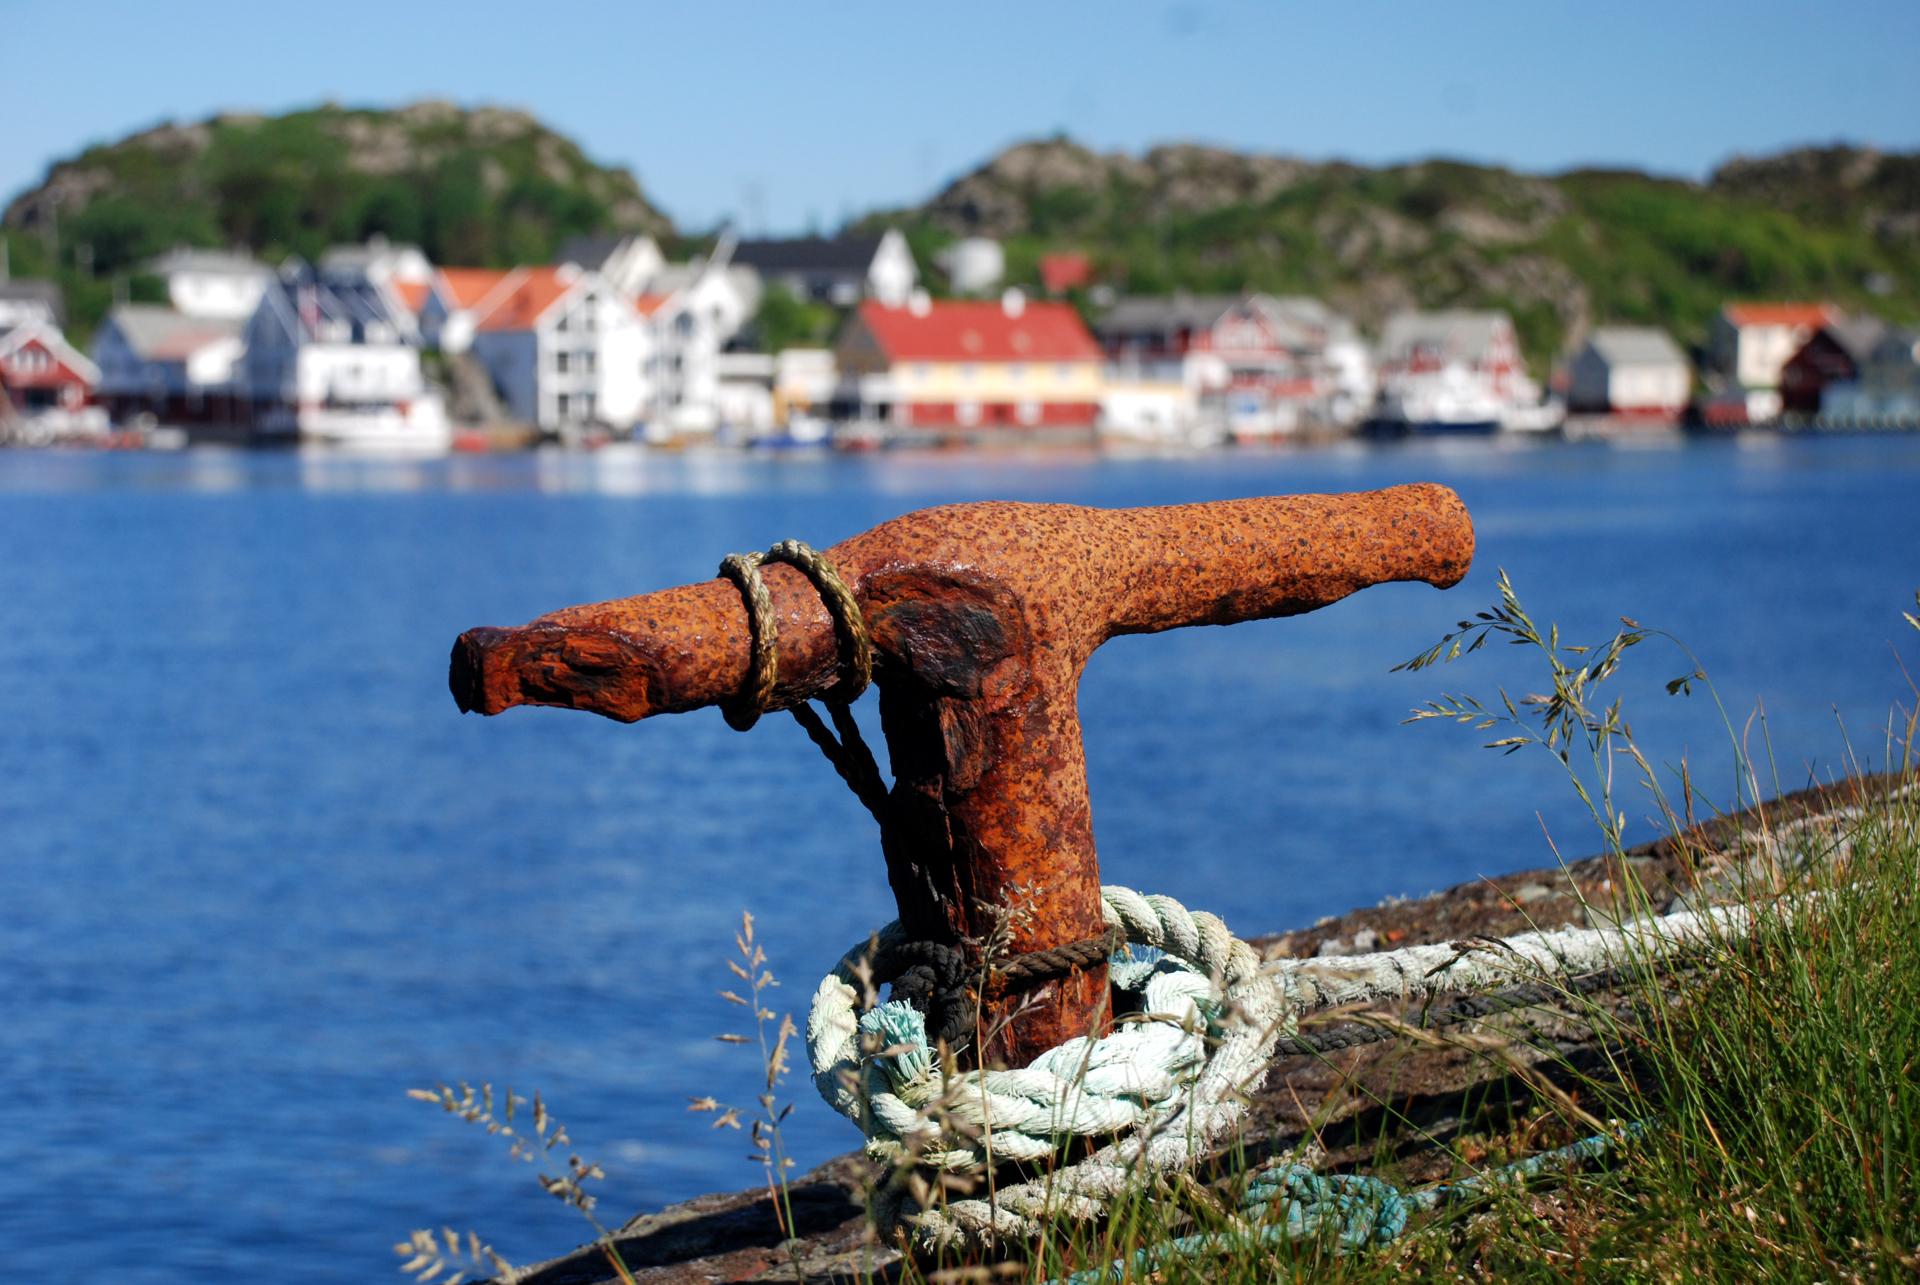 espevær havn 2.jpg